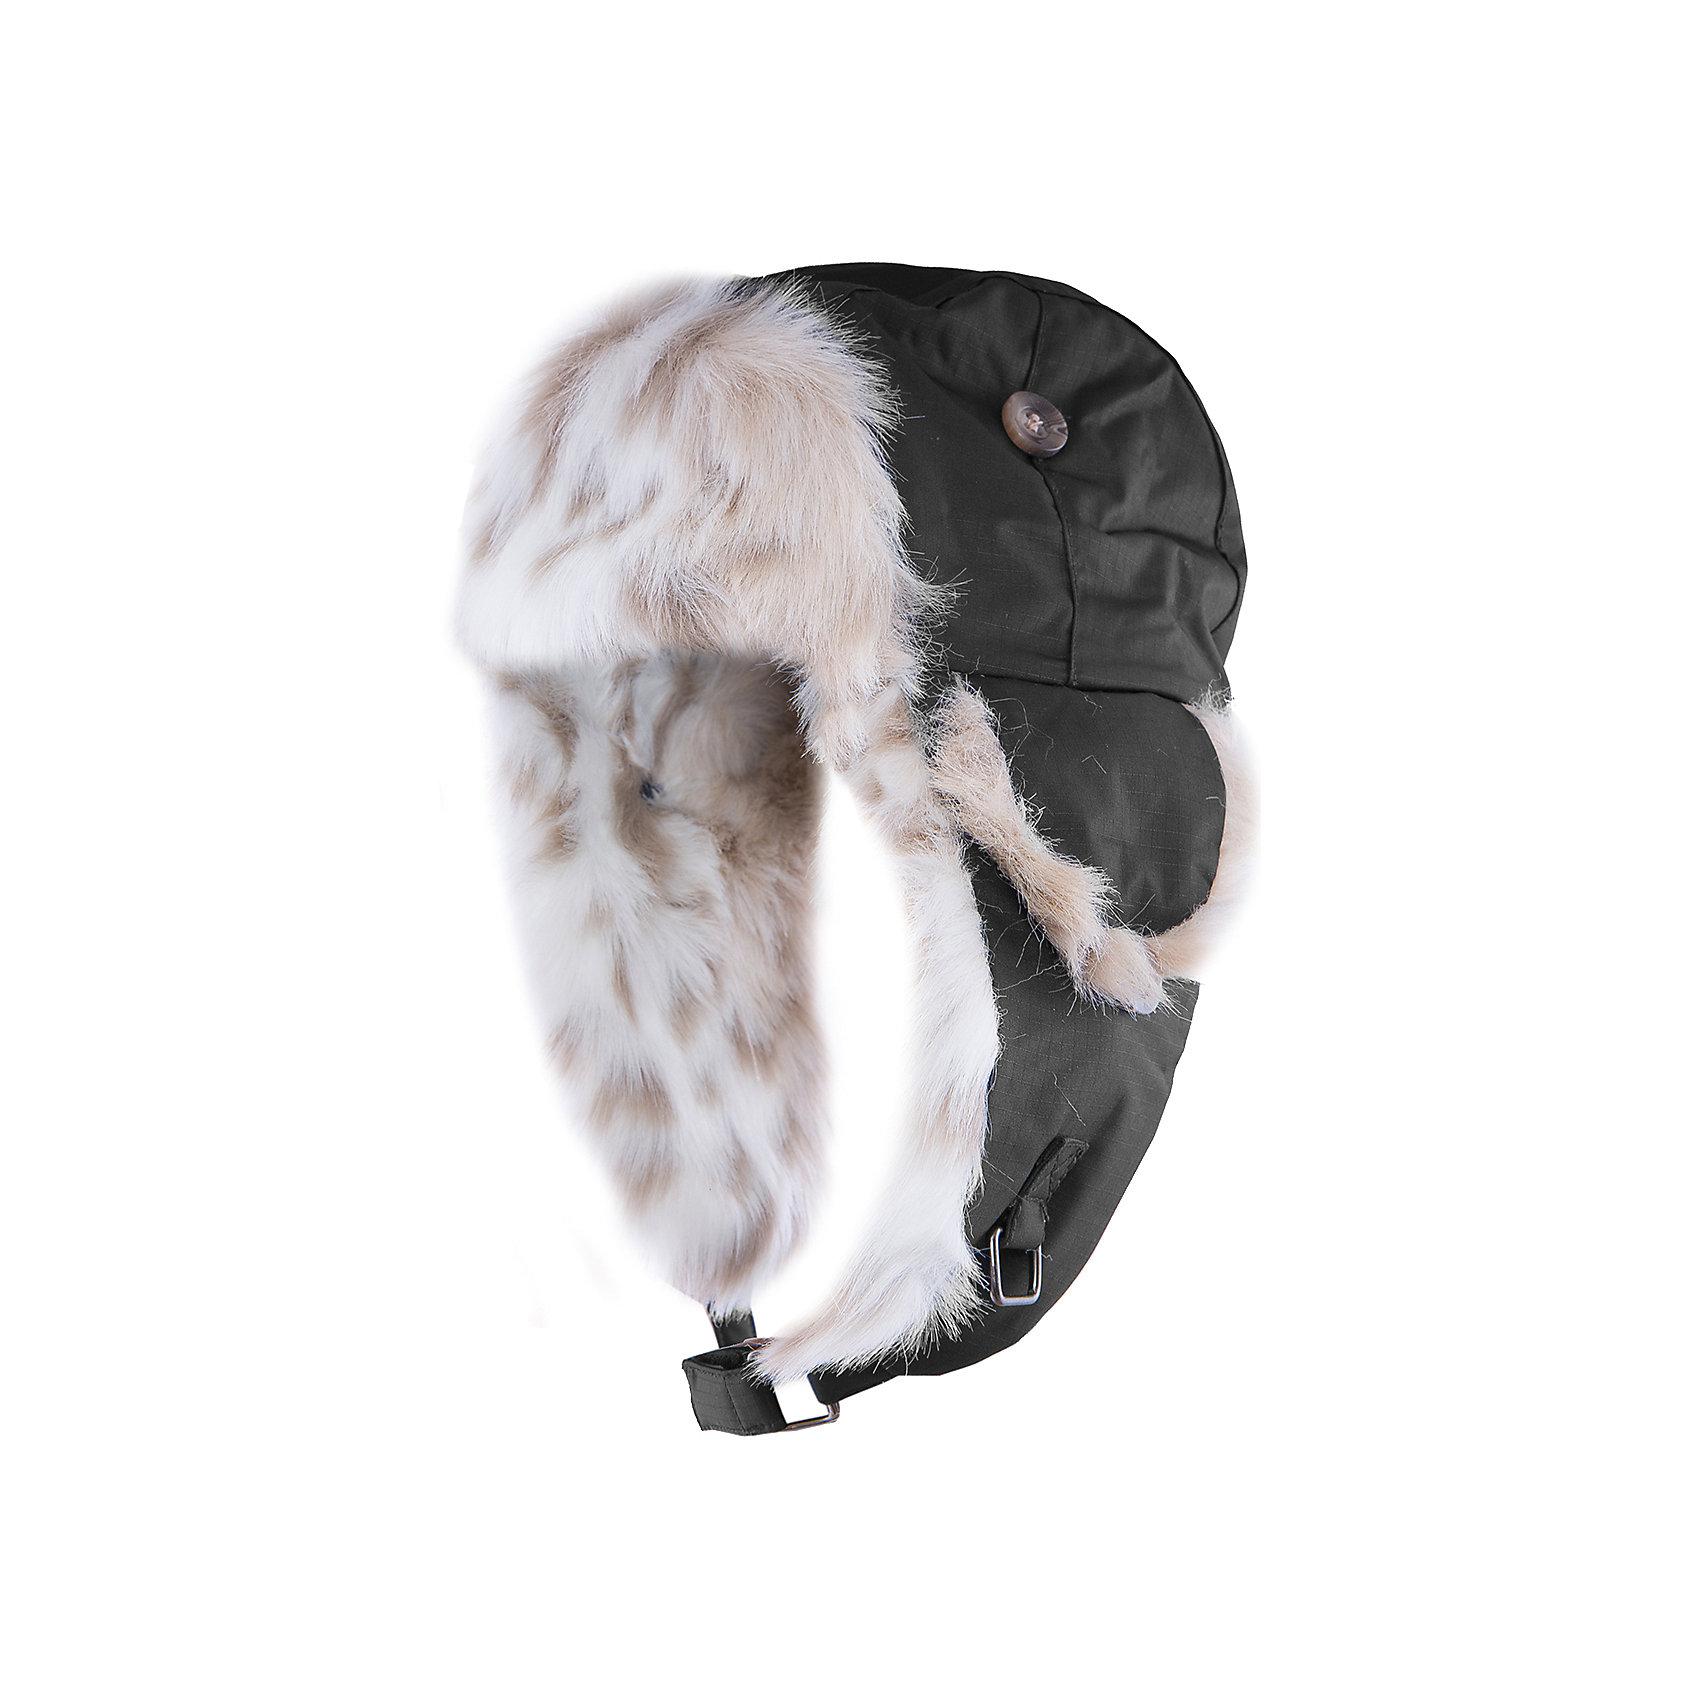 Шапка  HuppaЗимние<br>Стильная зимняя шапка KASPAR Huppa(Хуппа).<br><br>Утеплитель: 100% полиэстер, 150 гр.<br><br>Температурный режим: до -25 градусов. Степень утепления – средняя. <br><br>* Температурный режим указан приблизительно — необходимо, прежде всего, ориентироваться на ощущения ребенка. Температурный режим работает в случае соблюдения правила многослойности – использования флисовой поддевы и термобелья.<br><br>С подкладкой из искусственного меха изготовлена с использованием дышащих водоотталкивающих материалов. Эта шапка отлично защитит голову и уши ребенка от холода и ветра. Кроме того, ее можно надеть в разных исполнениях: большие клапаны застегиваются на подбородке, маленькие и большие - на макушке. Замечательный вариант для тех, кто ценит качество и стиль.<br><br>Дополнительная информация:<br>Материал: 100% полиэстер<br>Подкладка: искуственый мех - 80% акрил, 20% полиэстер<br><br>Цвет: черный<br><br>Шапку KASPAR Huppa(Хуппа) можно приобрести в нашем интернет-магазине.<br><br>Ширина мм: 89<br>Глубина мм: 117<br>Высота мм: 44<br>Вес г: 155<br>Цвет: серый<br>Возраст от месяцев: 84<br>Возраст до месяцев: 120<br>Пол: Мужской<br>Возраст: Детский<br>Размер: 55-57,47-49,51-53<br>SKU: 4923957